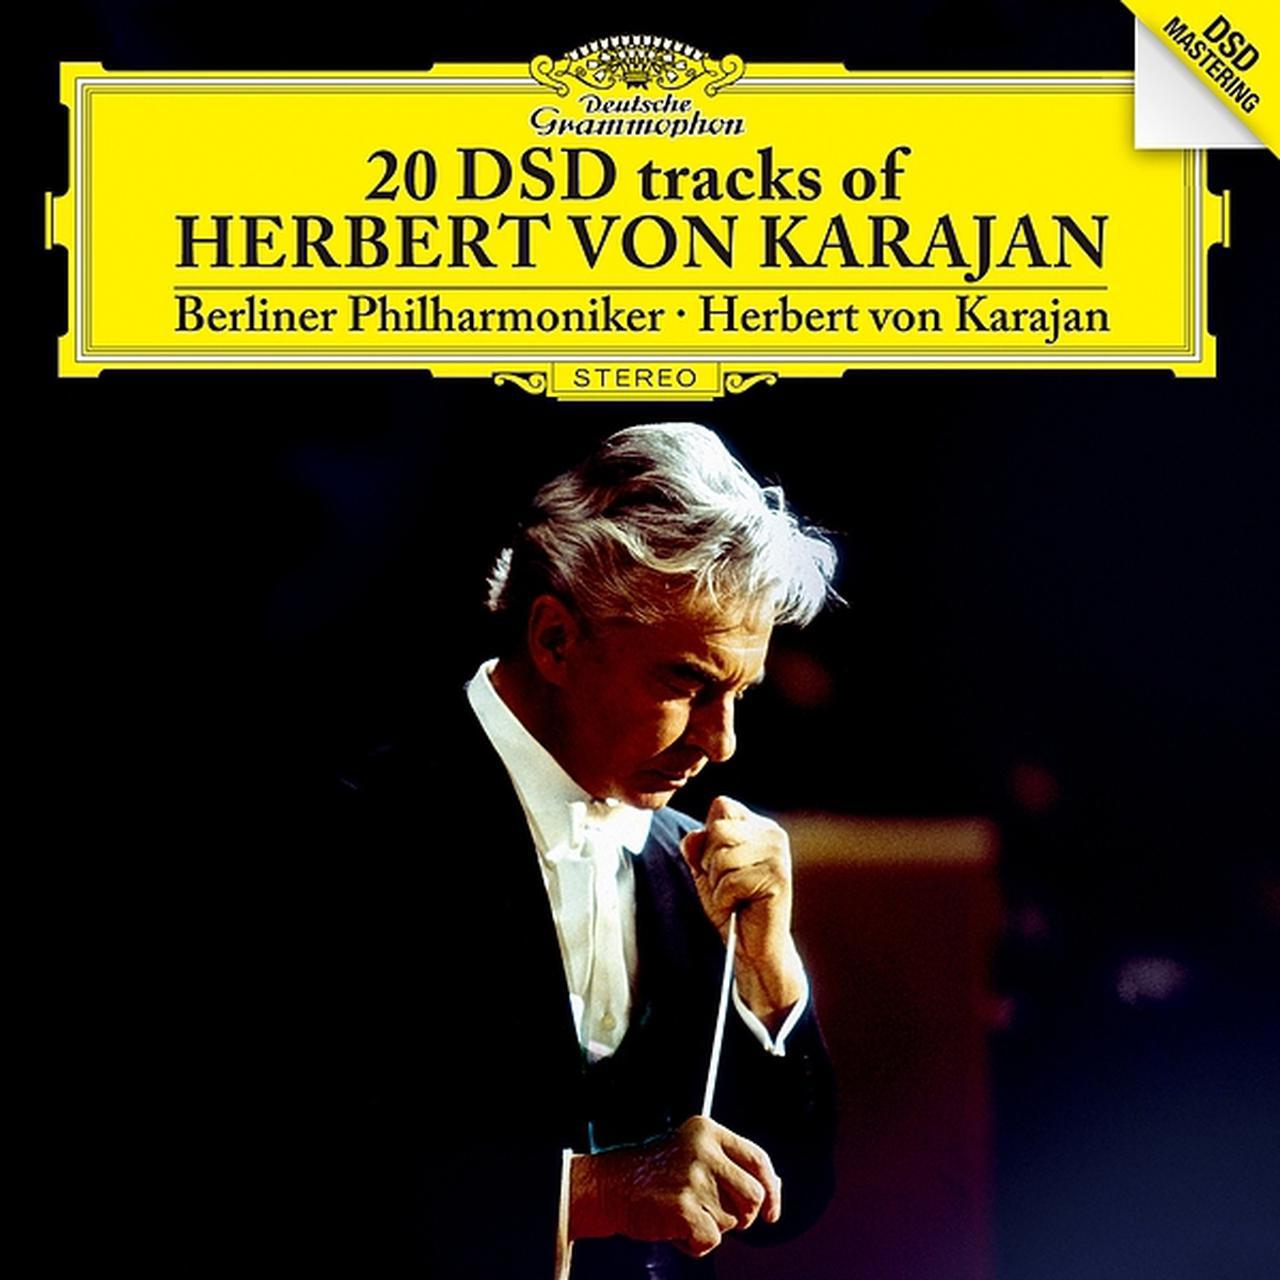 画像: DSDで聴くカラヤン/ベルリン・フィルハーモニー管弦楽団, ヘルベルト・フォン・カラヤン